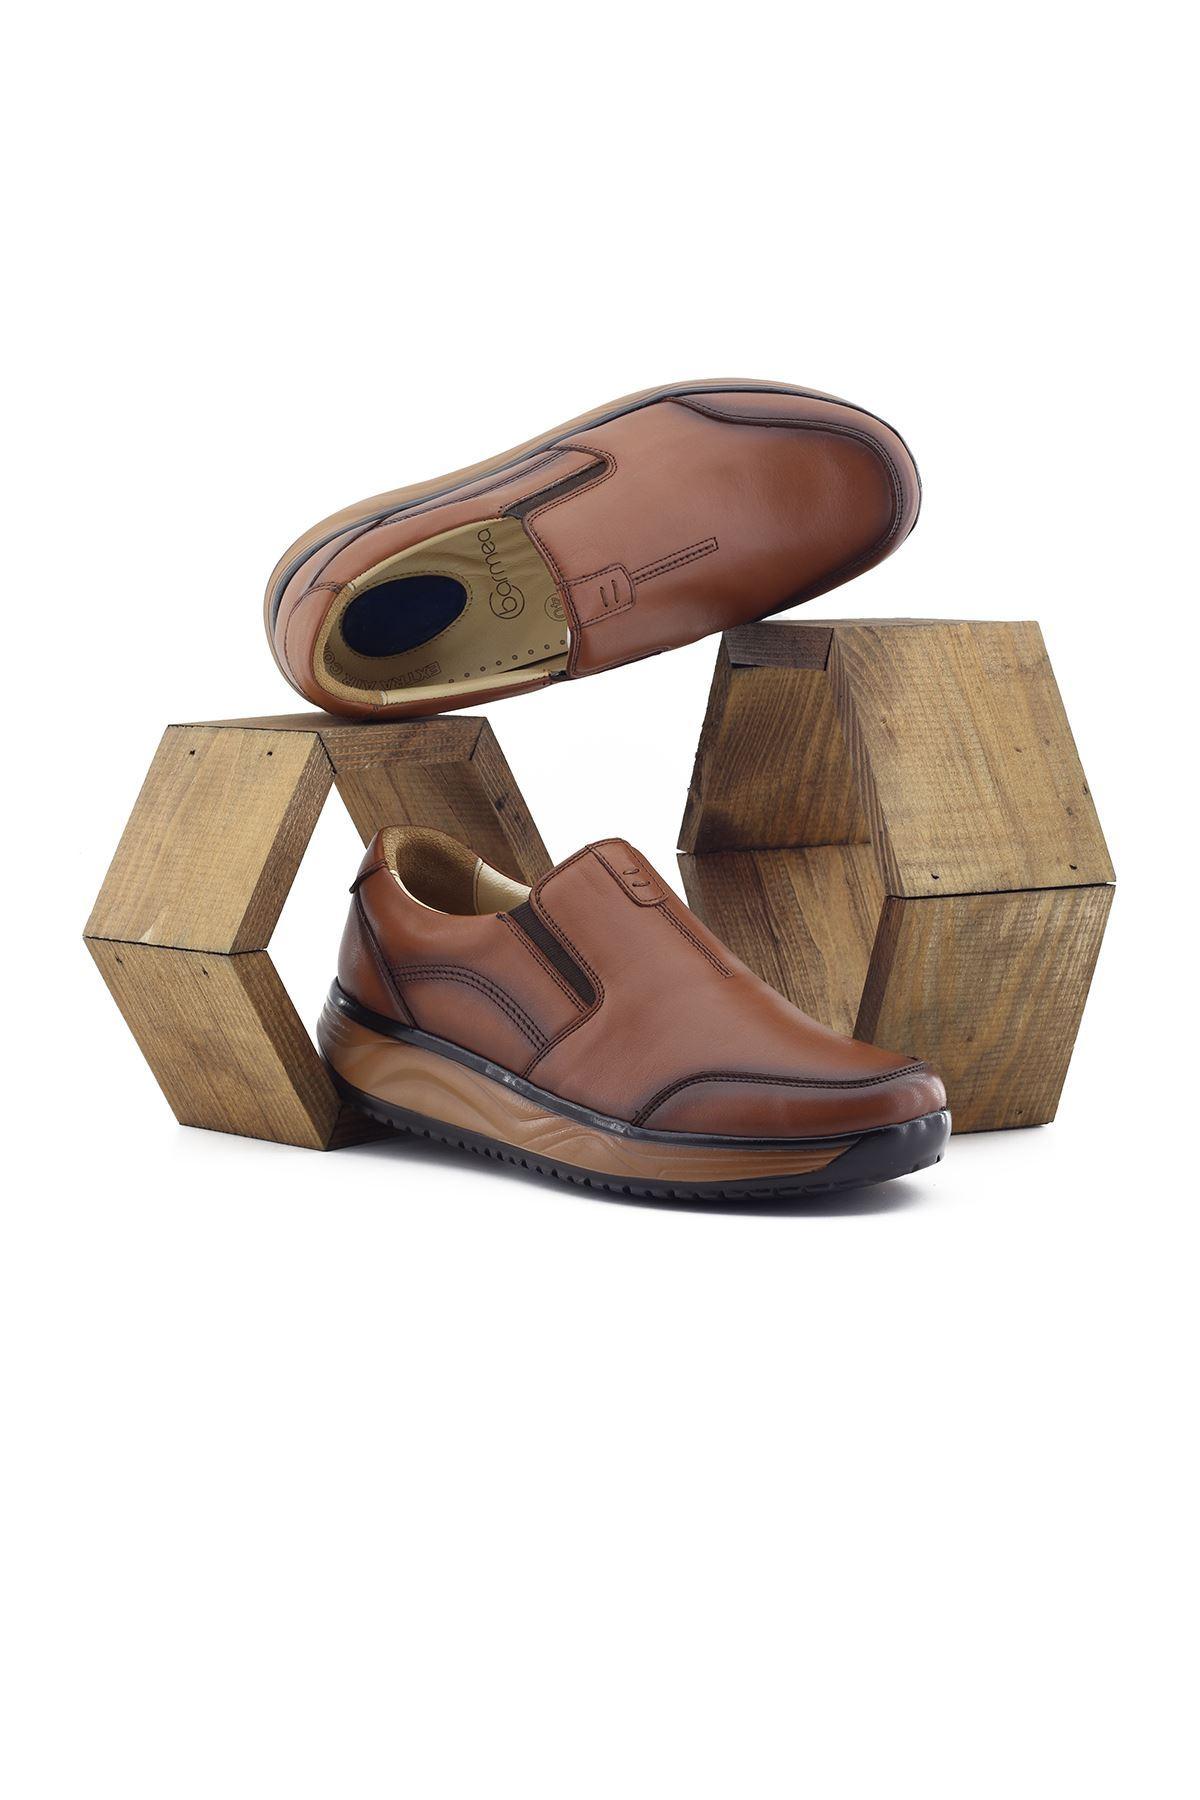 1650 Taba Erkek Yürüyüş Ayakkabısı